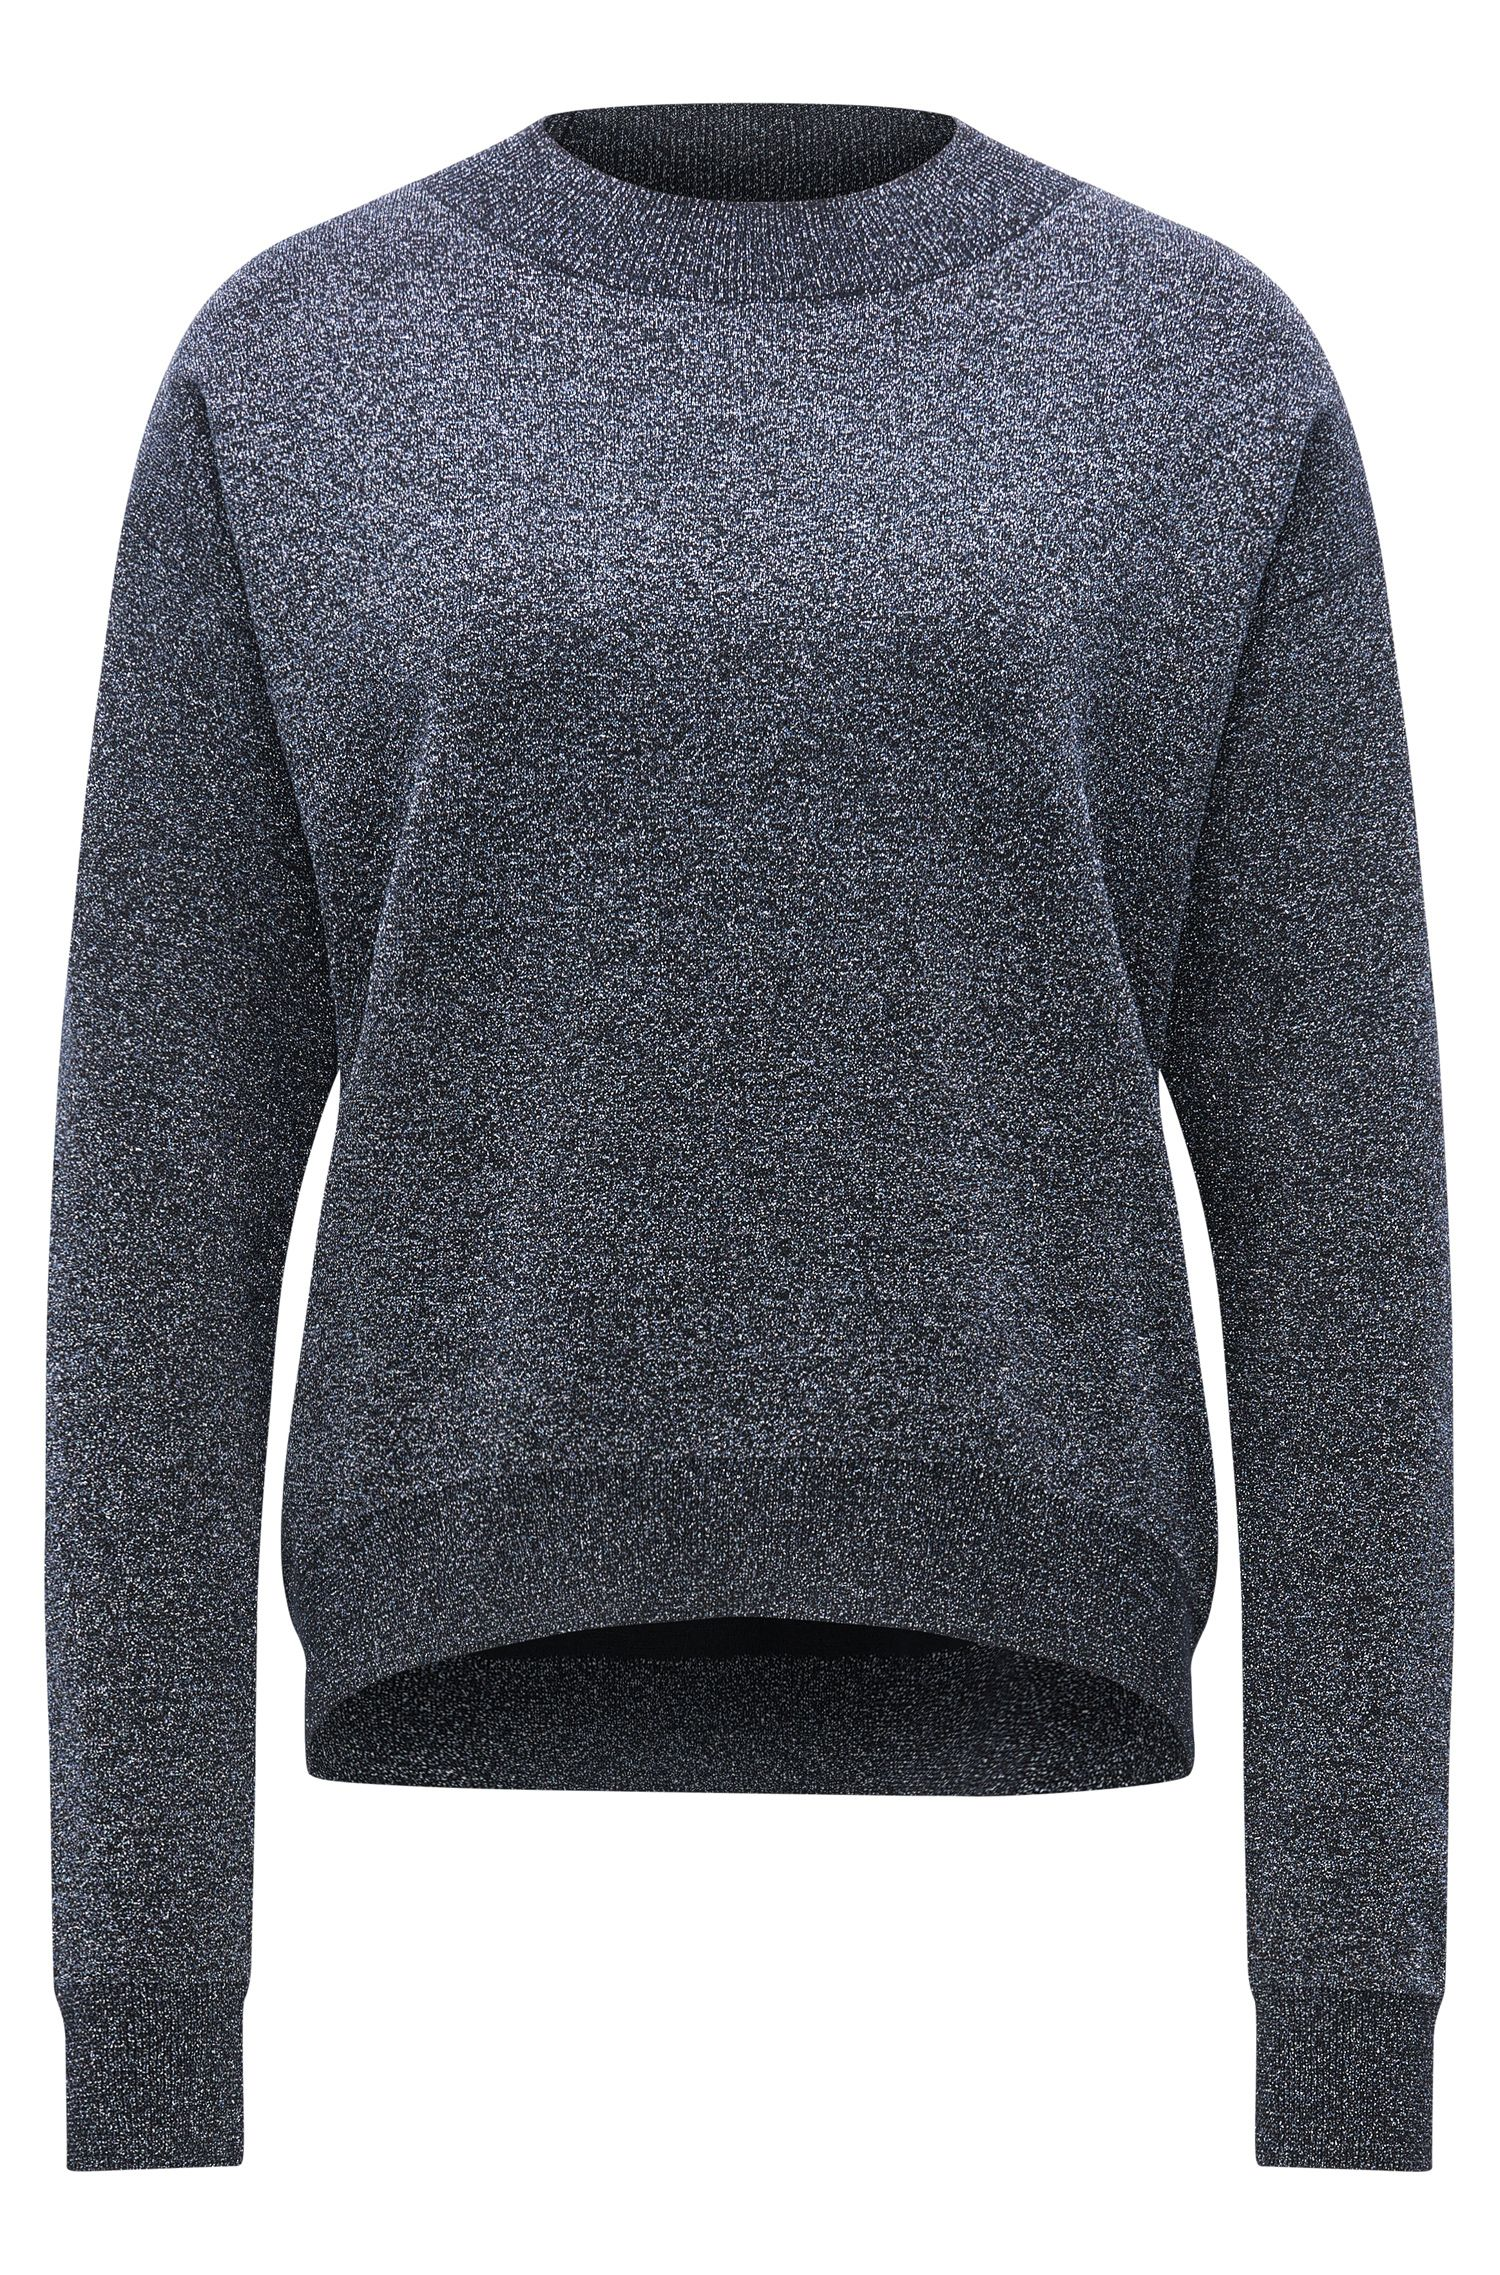 Jersey de cuello redondo en mezcla de lana virgen metalizada